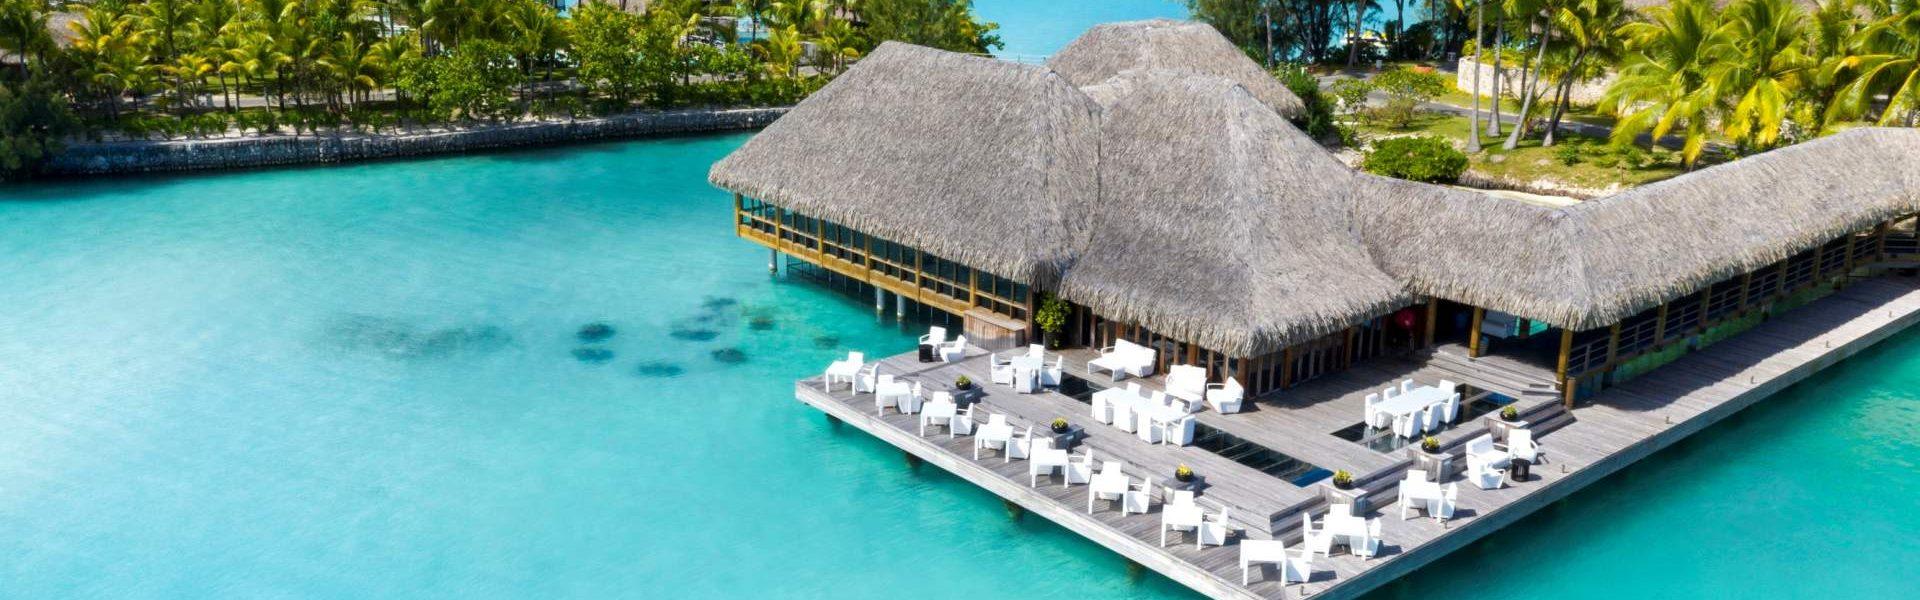 St. Regis Hotel – Bora Bora